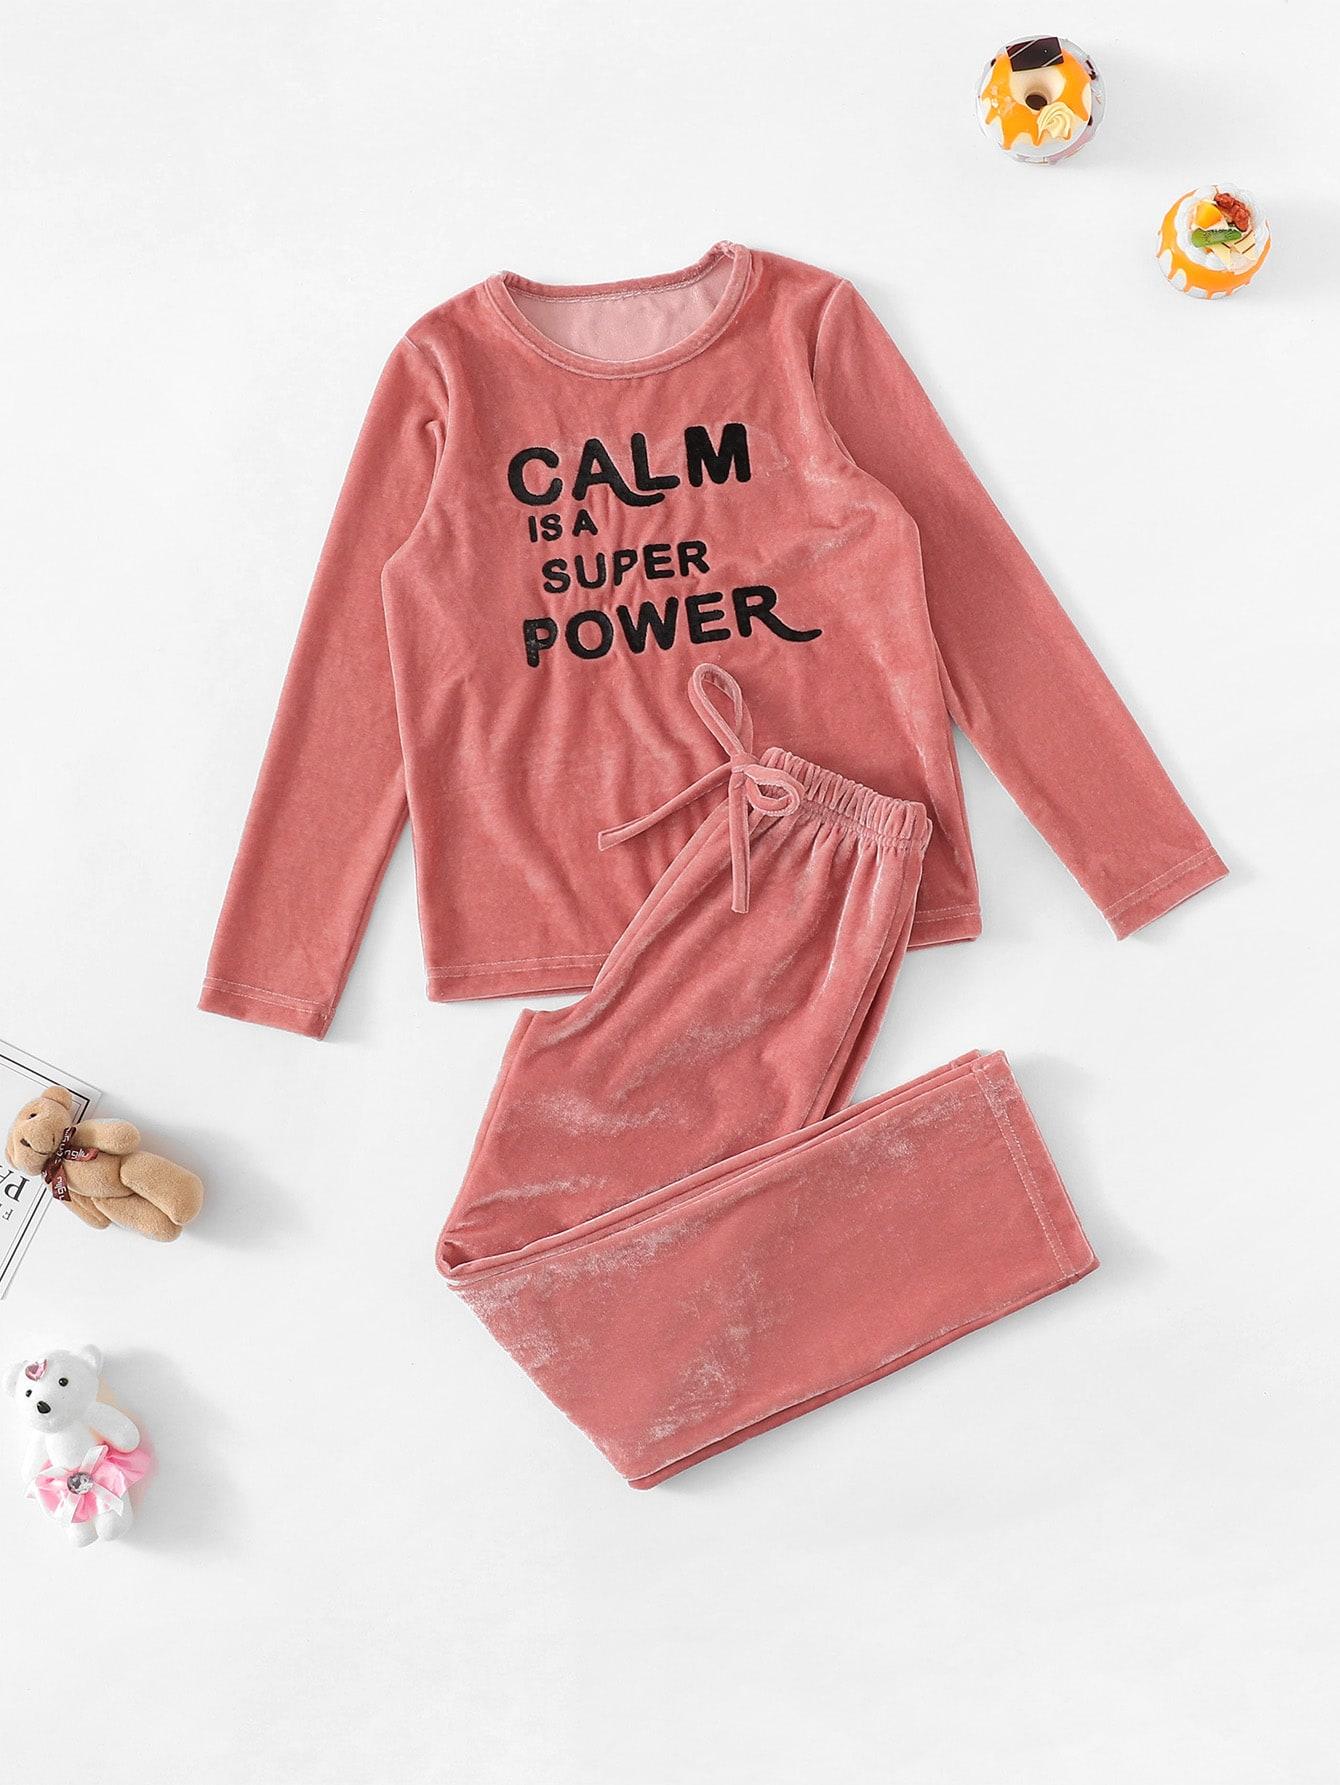 Бархатная пижама с текстовым принтом для девочек от SheIn